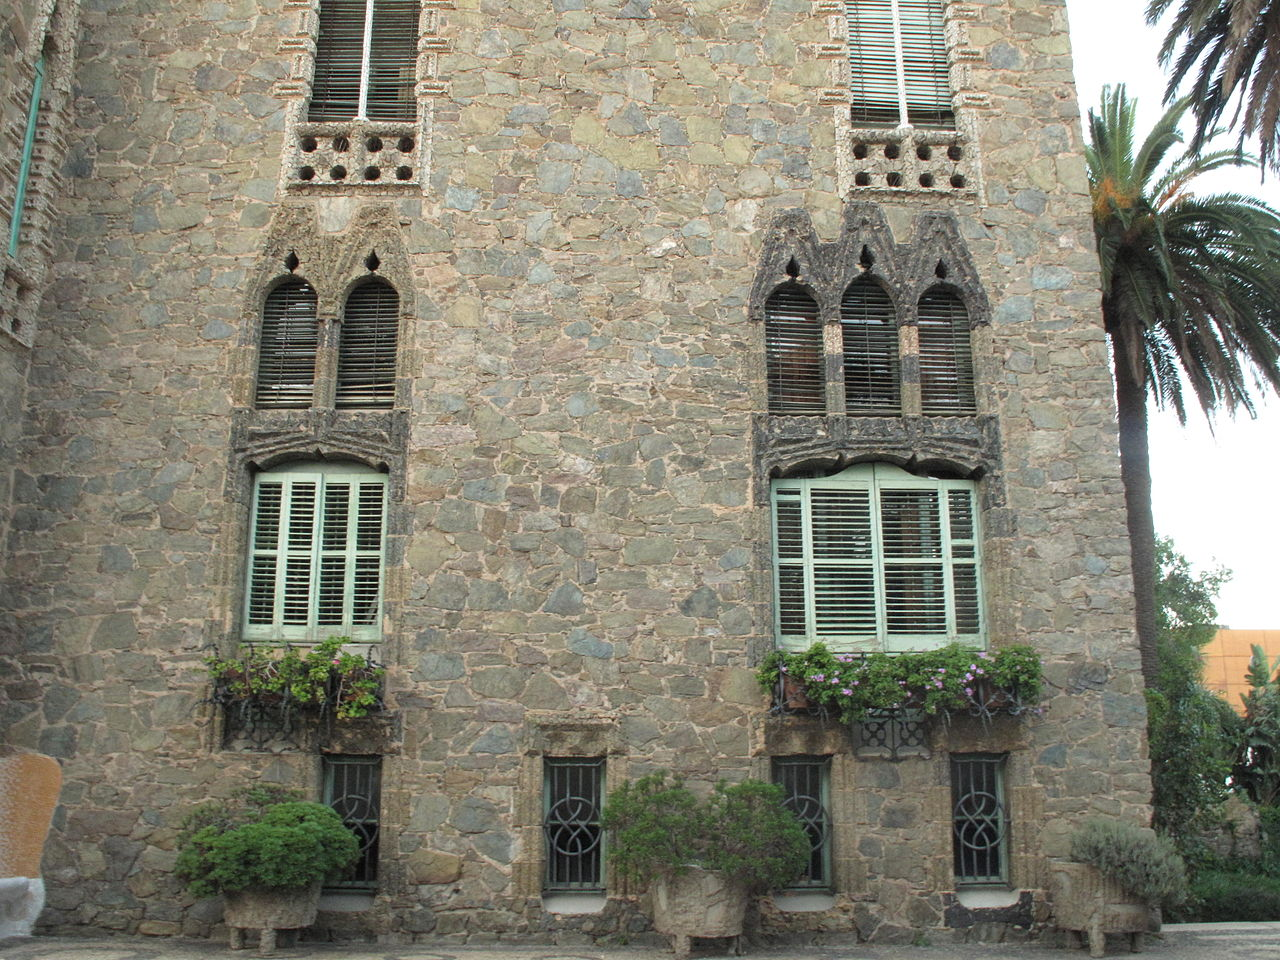 Башня Бельесгуард, фасад